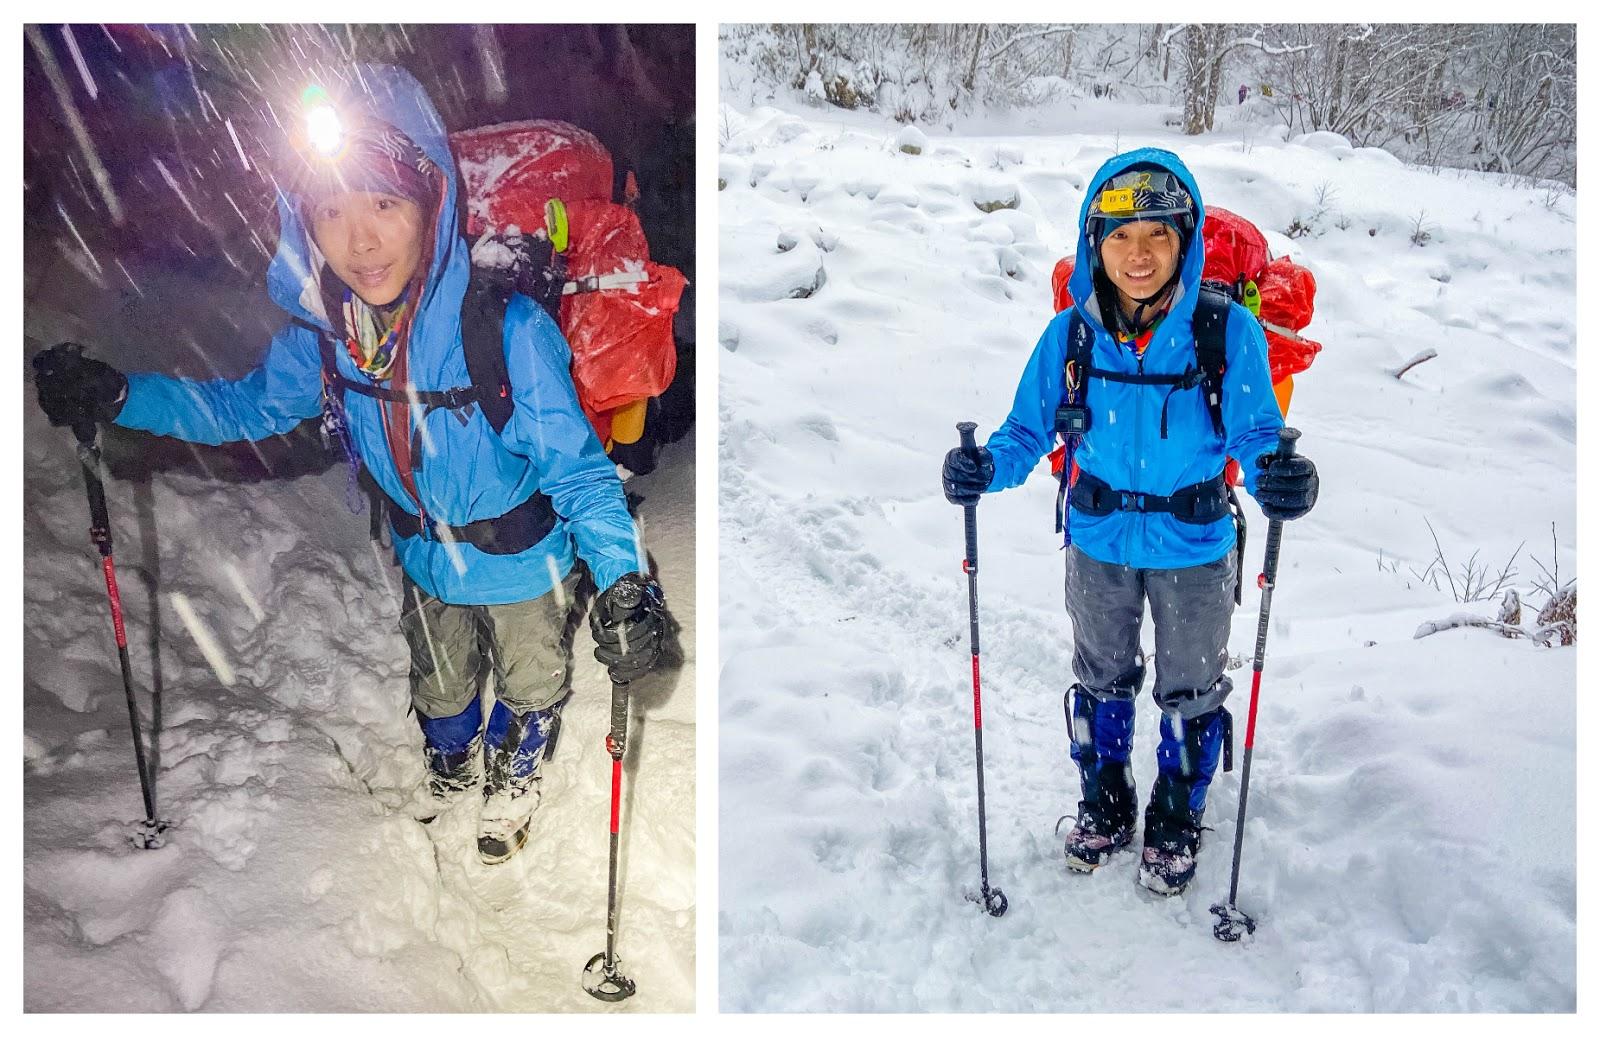 【評測】我在臺灣與日本的高山上,身著Black Diamond Stormline 彈性雨衣登山和滑雪 ~ 尋路森寧 Seek Forest